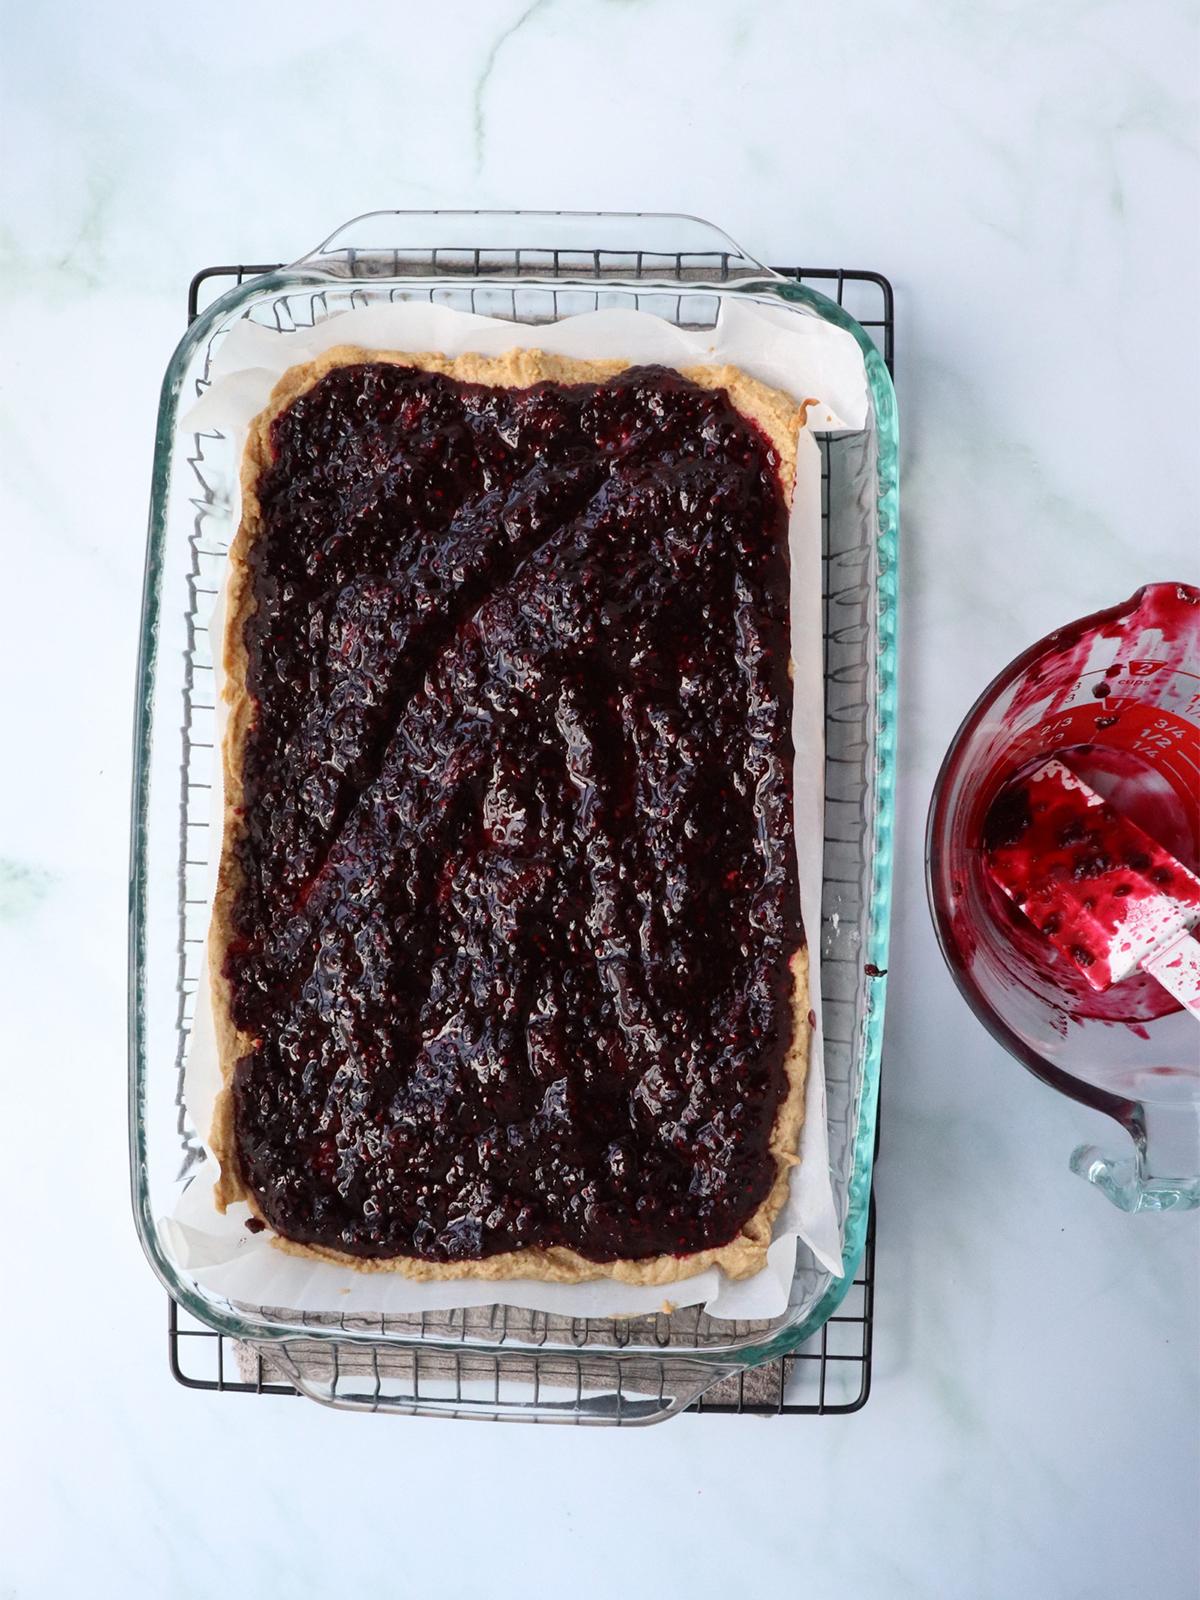 Blackberry jam spread over peanut butter cookie crust